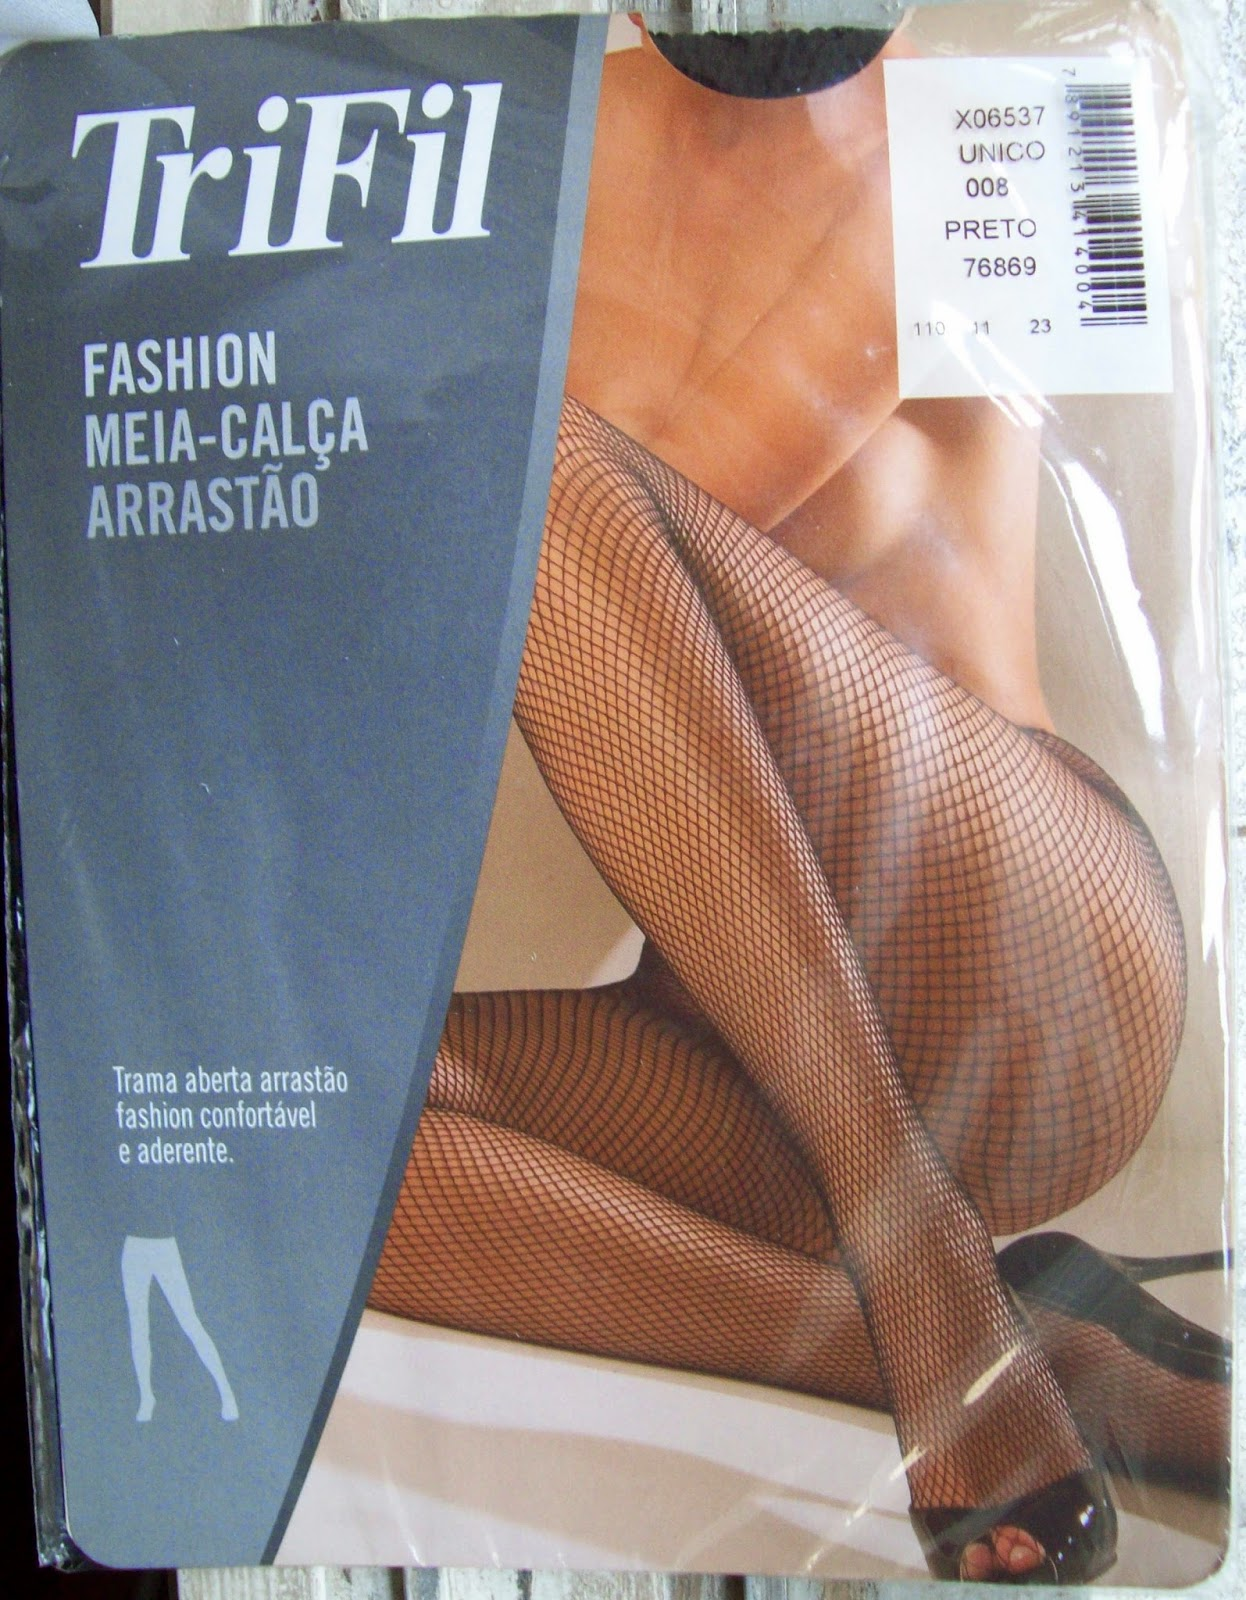 Meia-calça arrastão TriFil tamanho único